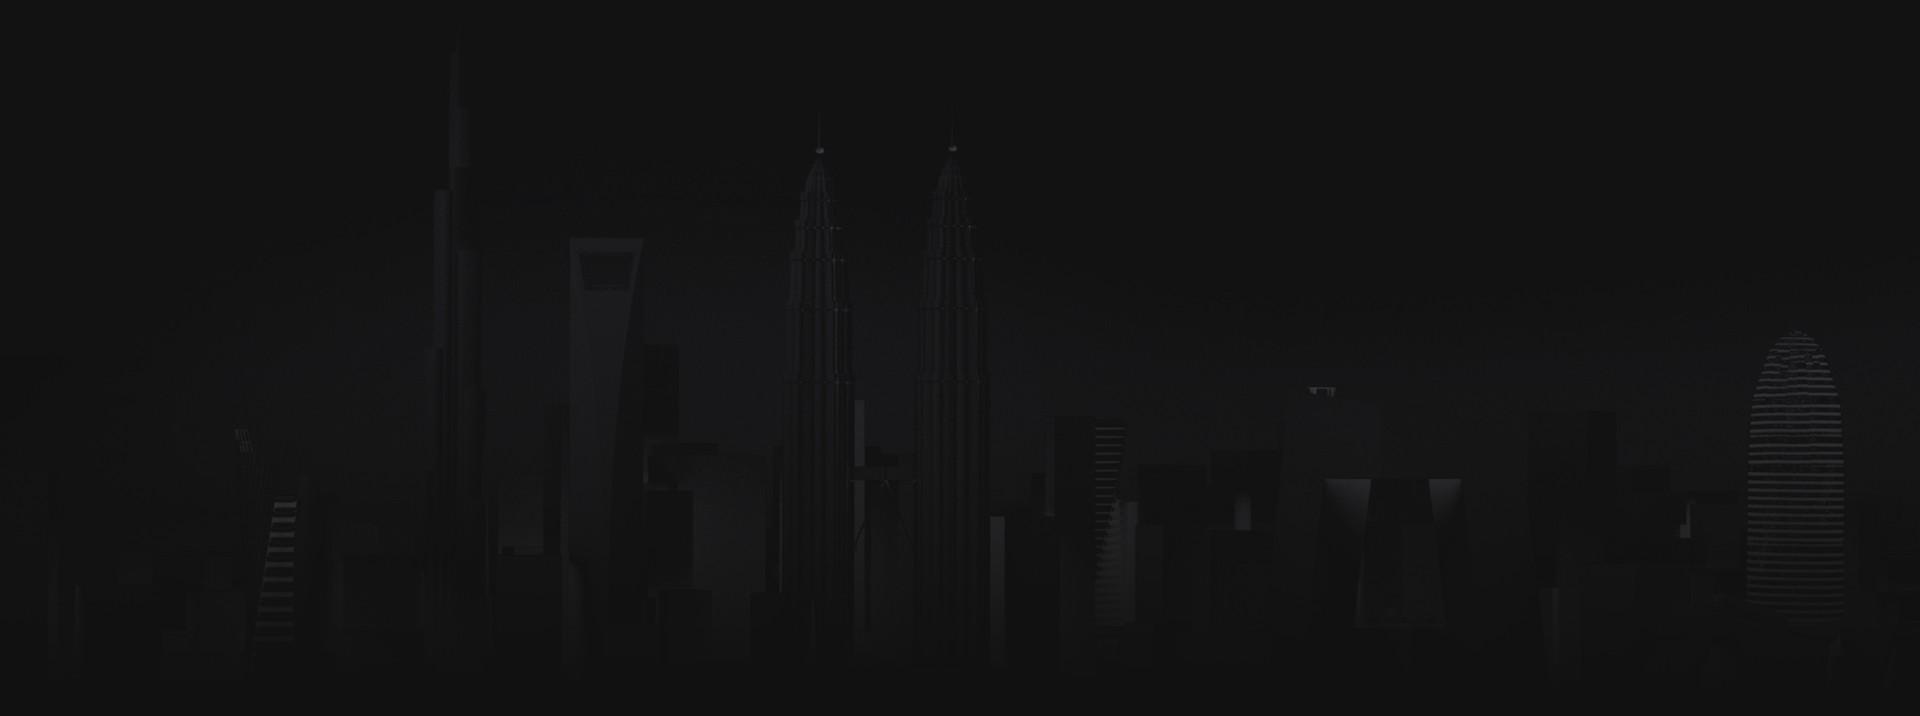 Voilàp Smart City